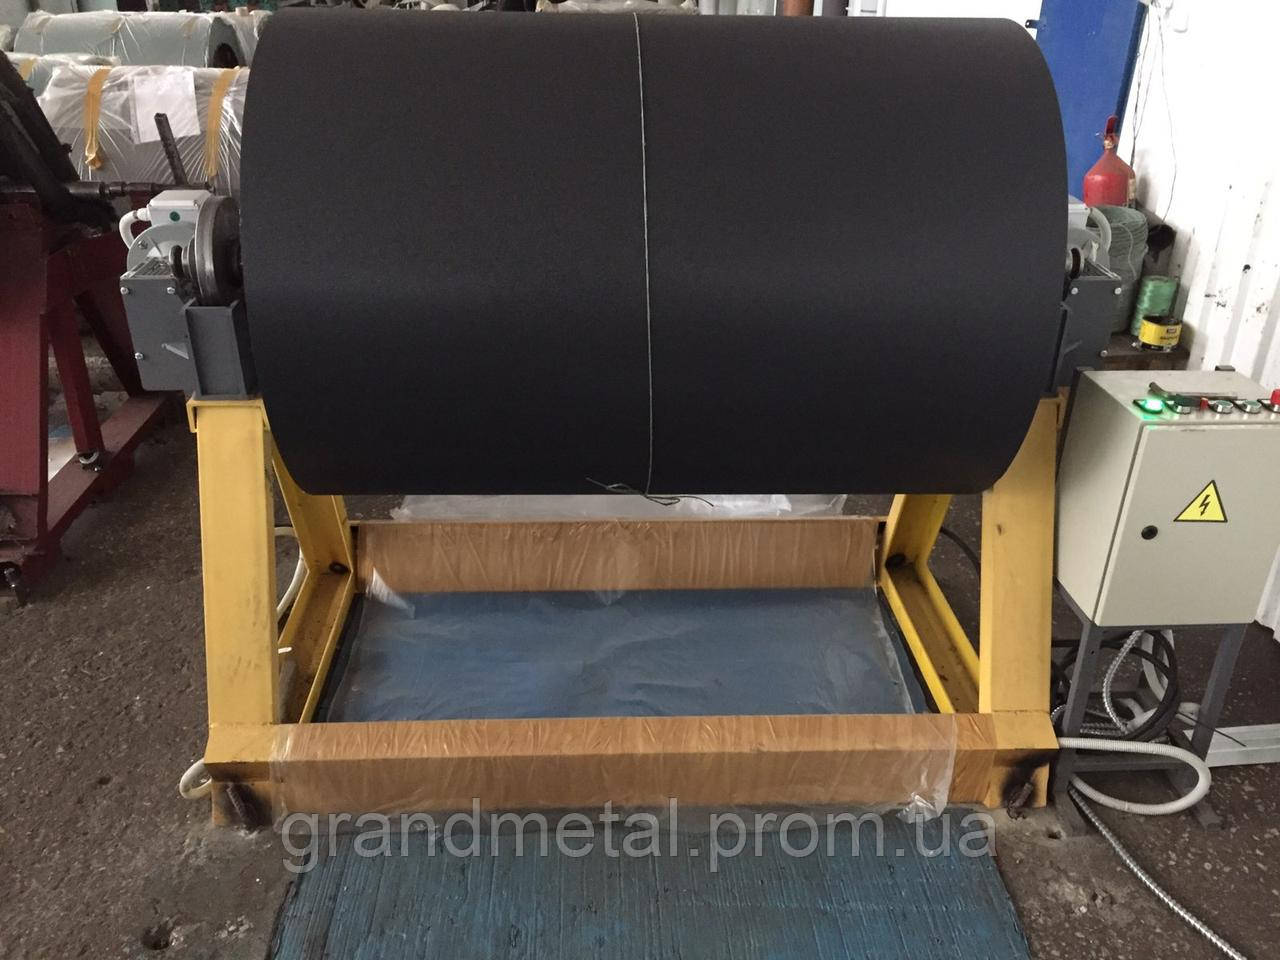 Гладкий лист черный РАЛ 9005 РЕМА, полимерный рулон черного цвета RAL 9005 PEMA матовый